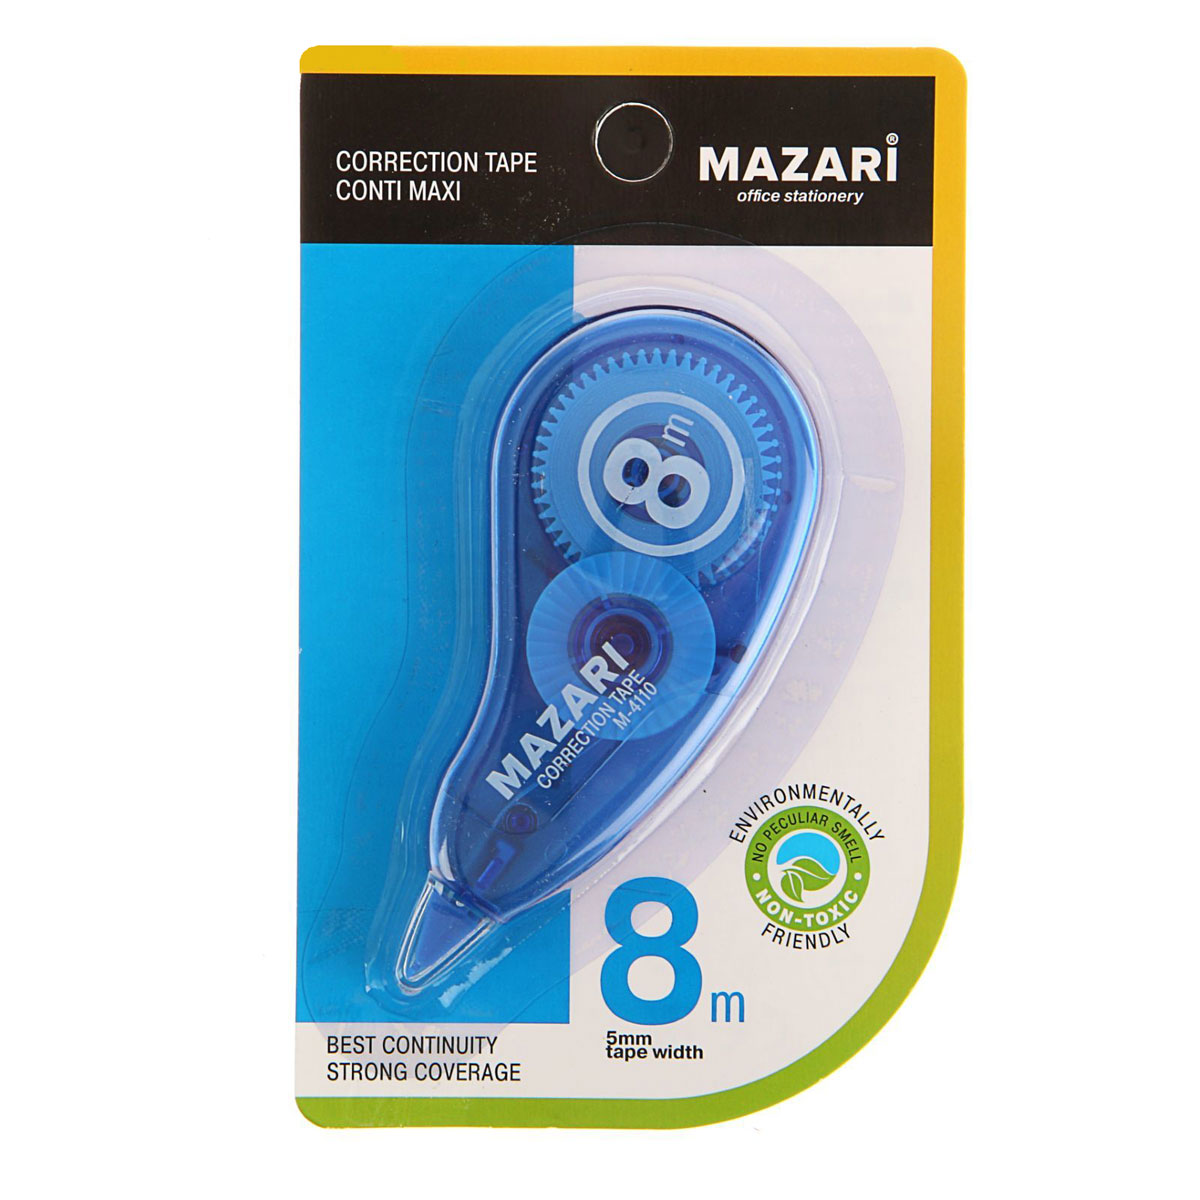 Mazari Корректирующая лента-роллер Conti Maxi 5 мм x 8000 мм цвет синийFS-00102Корректирующая лента- роллер Mazari Conti Maxi предназначена для корректировки текста на любом виде бумаги.Имеет эргономичный корпус, высокую укрывистость. Не имеет запаха.